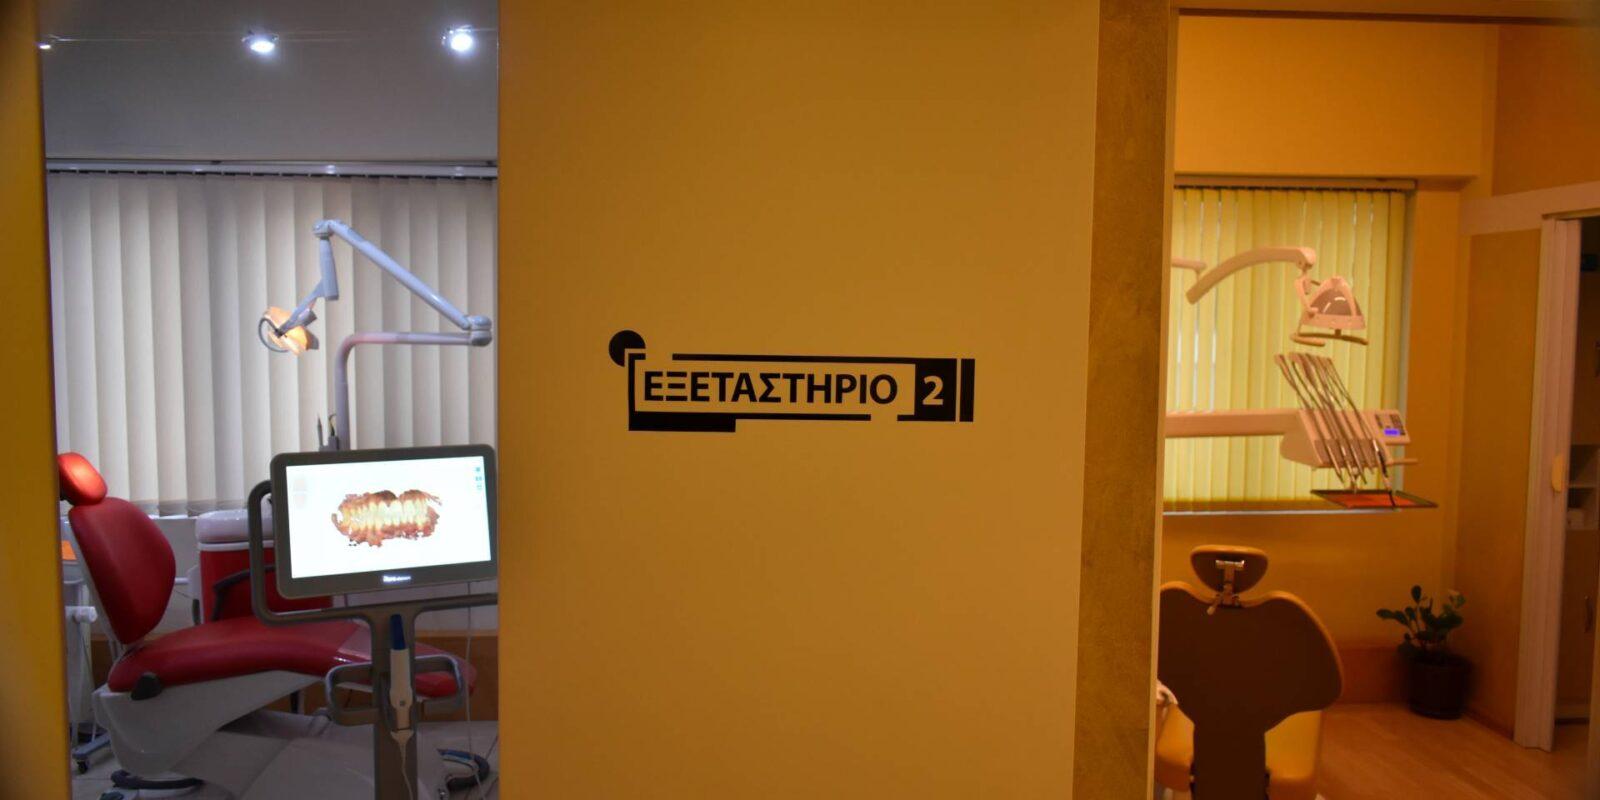 Νίκος Σπυρόπουλος ορθοδοντικό Ιατρείο Πελοπόννησος